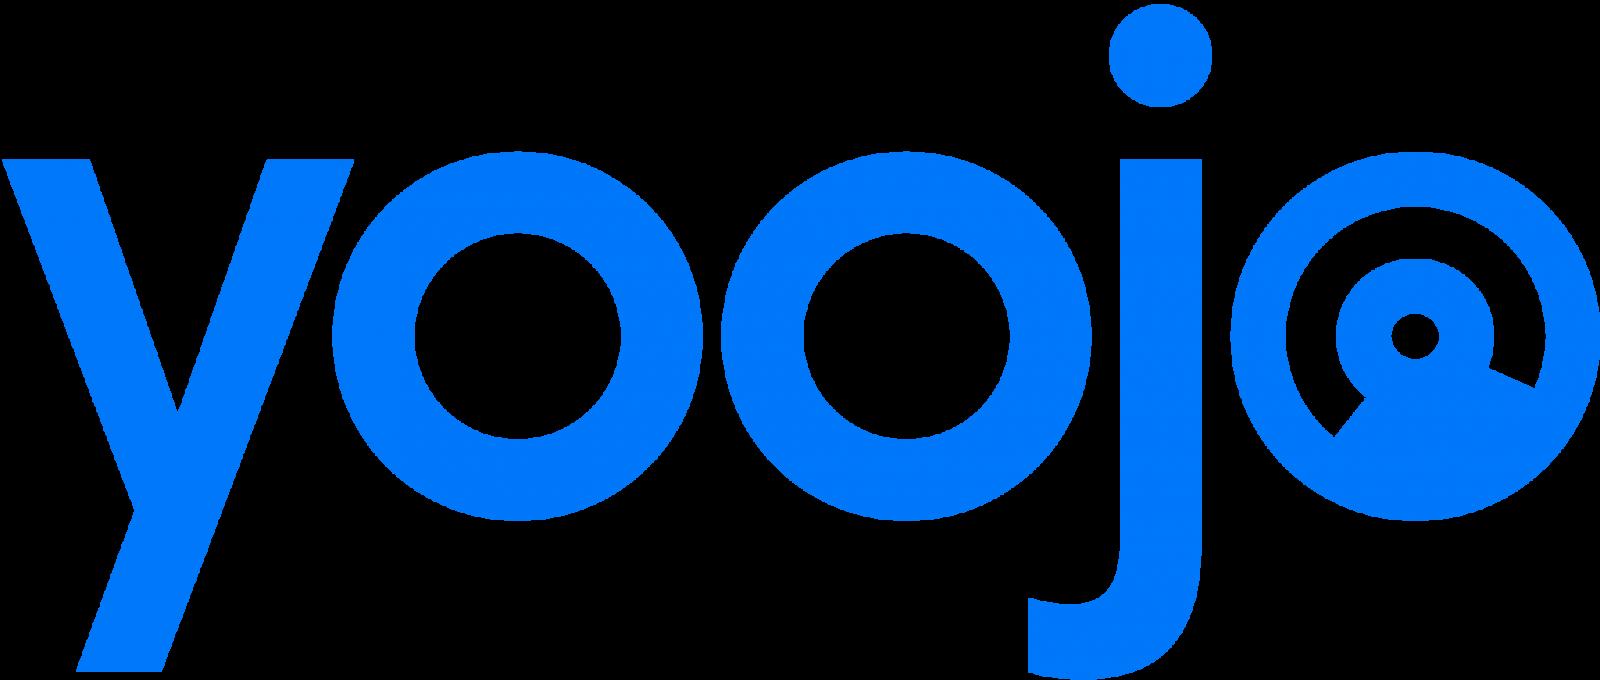 yoojo logo